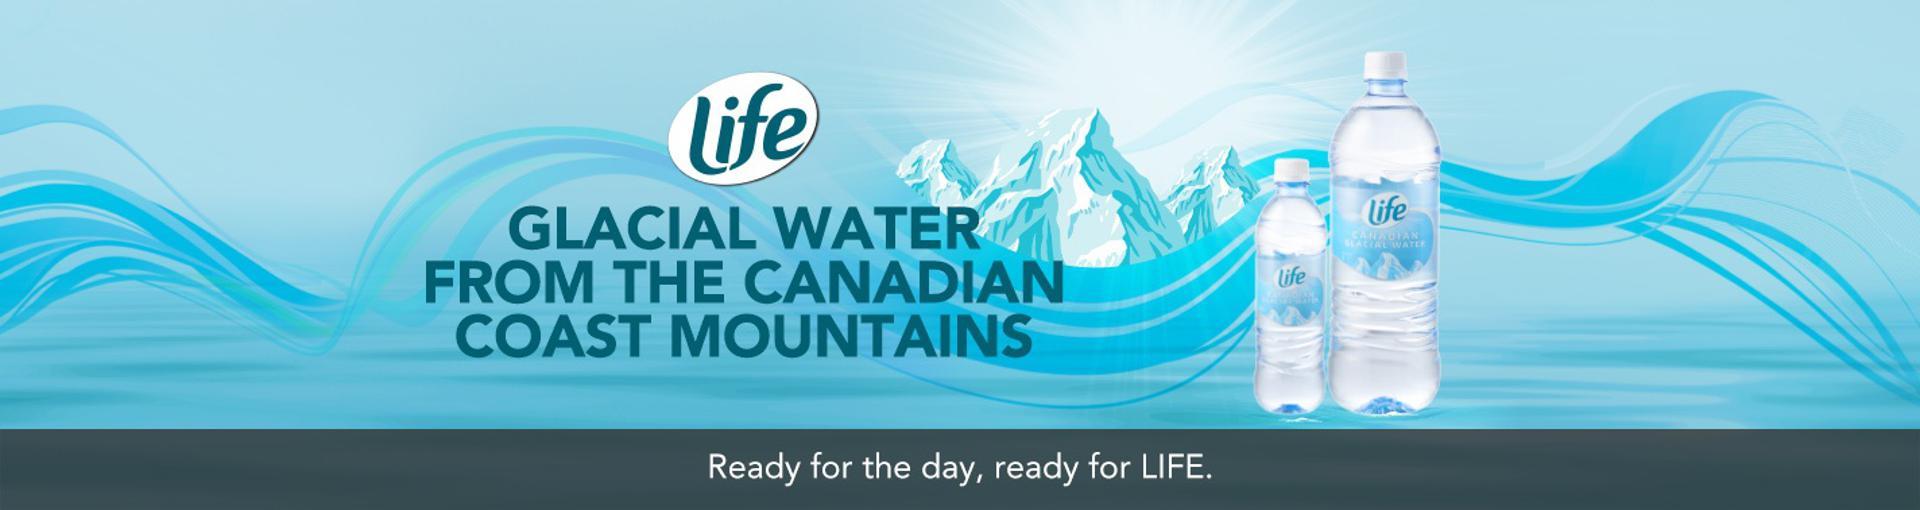 https://media.nedigital.sg/fairprice/images/f4c615f2-da50-47c4-909a-10968b775e79/LIFE-Brandstore-Water-LandingBanner-May2021.jpg